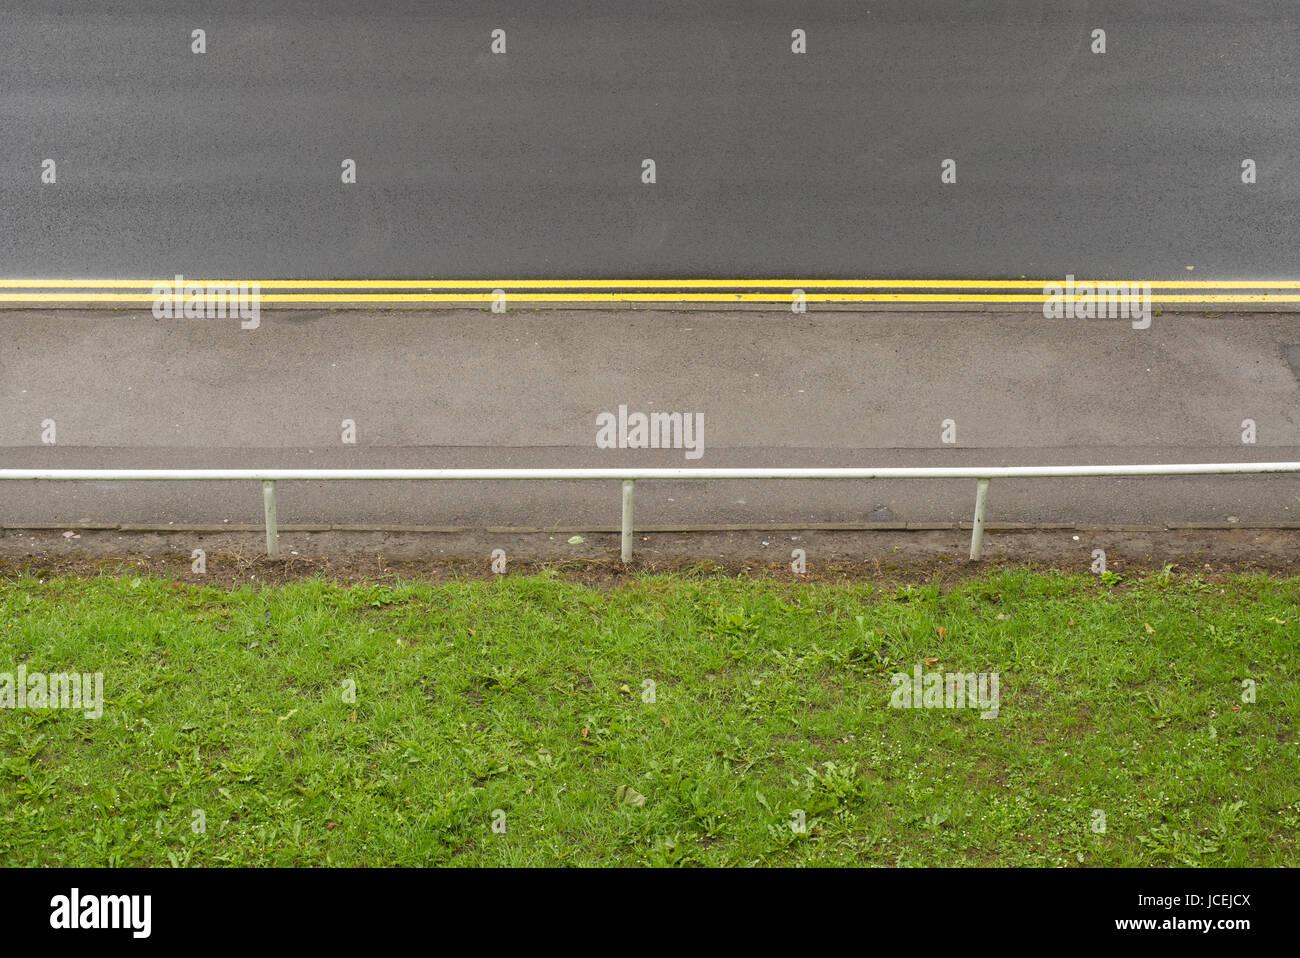 Doppelzimmer Mit Gelben Linien Für Das Parken Beschränkung Der Städtischen  Straße Mit Gehweg Und Grünfläche, Sheffield, Großbritannien